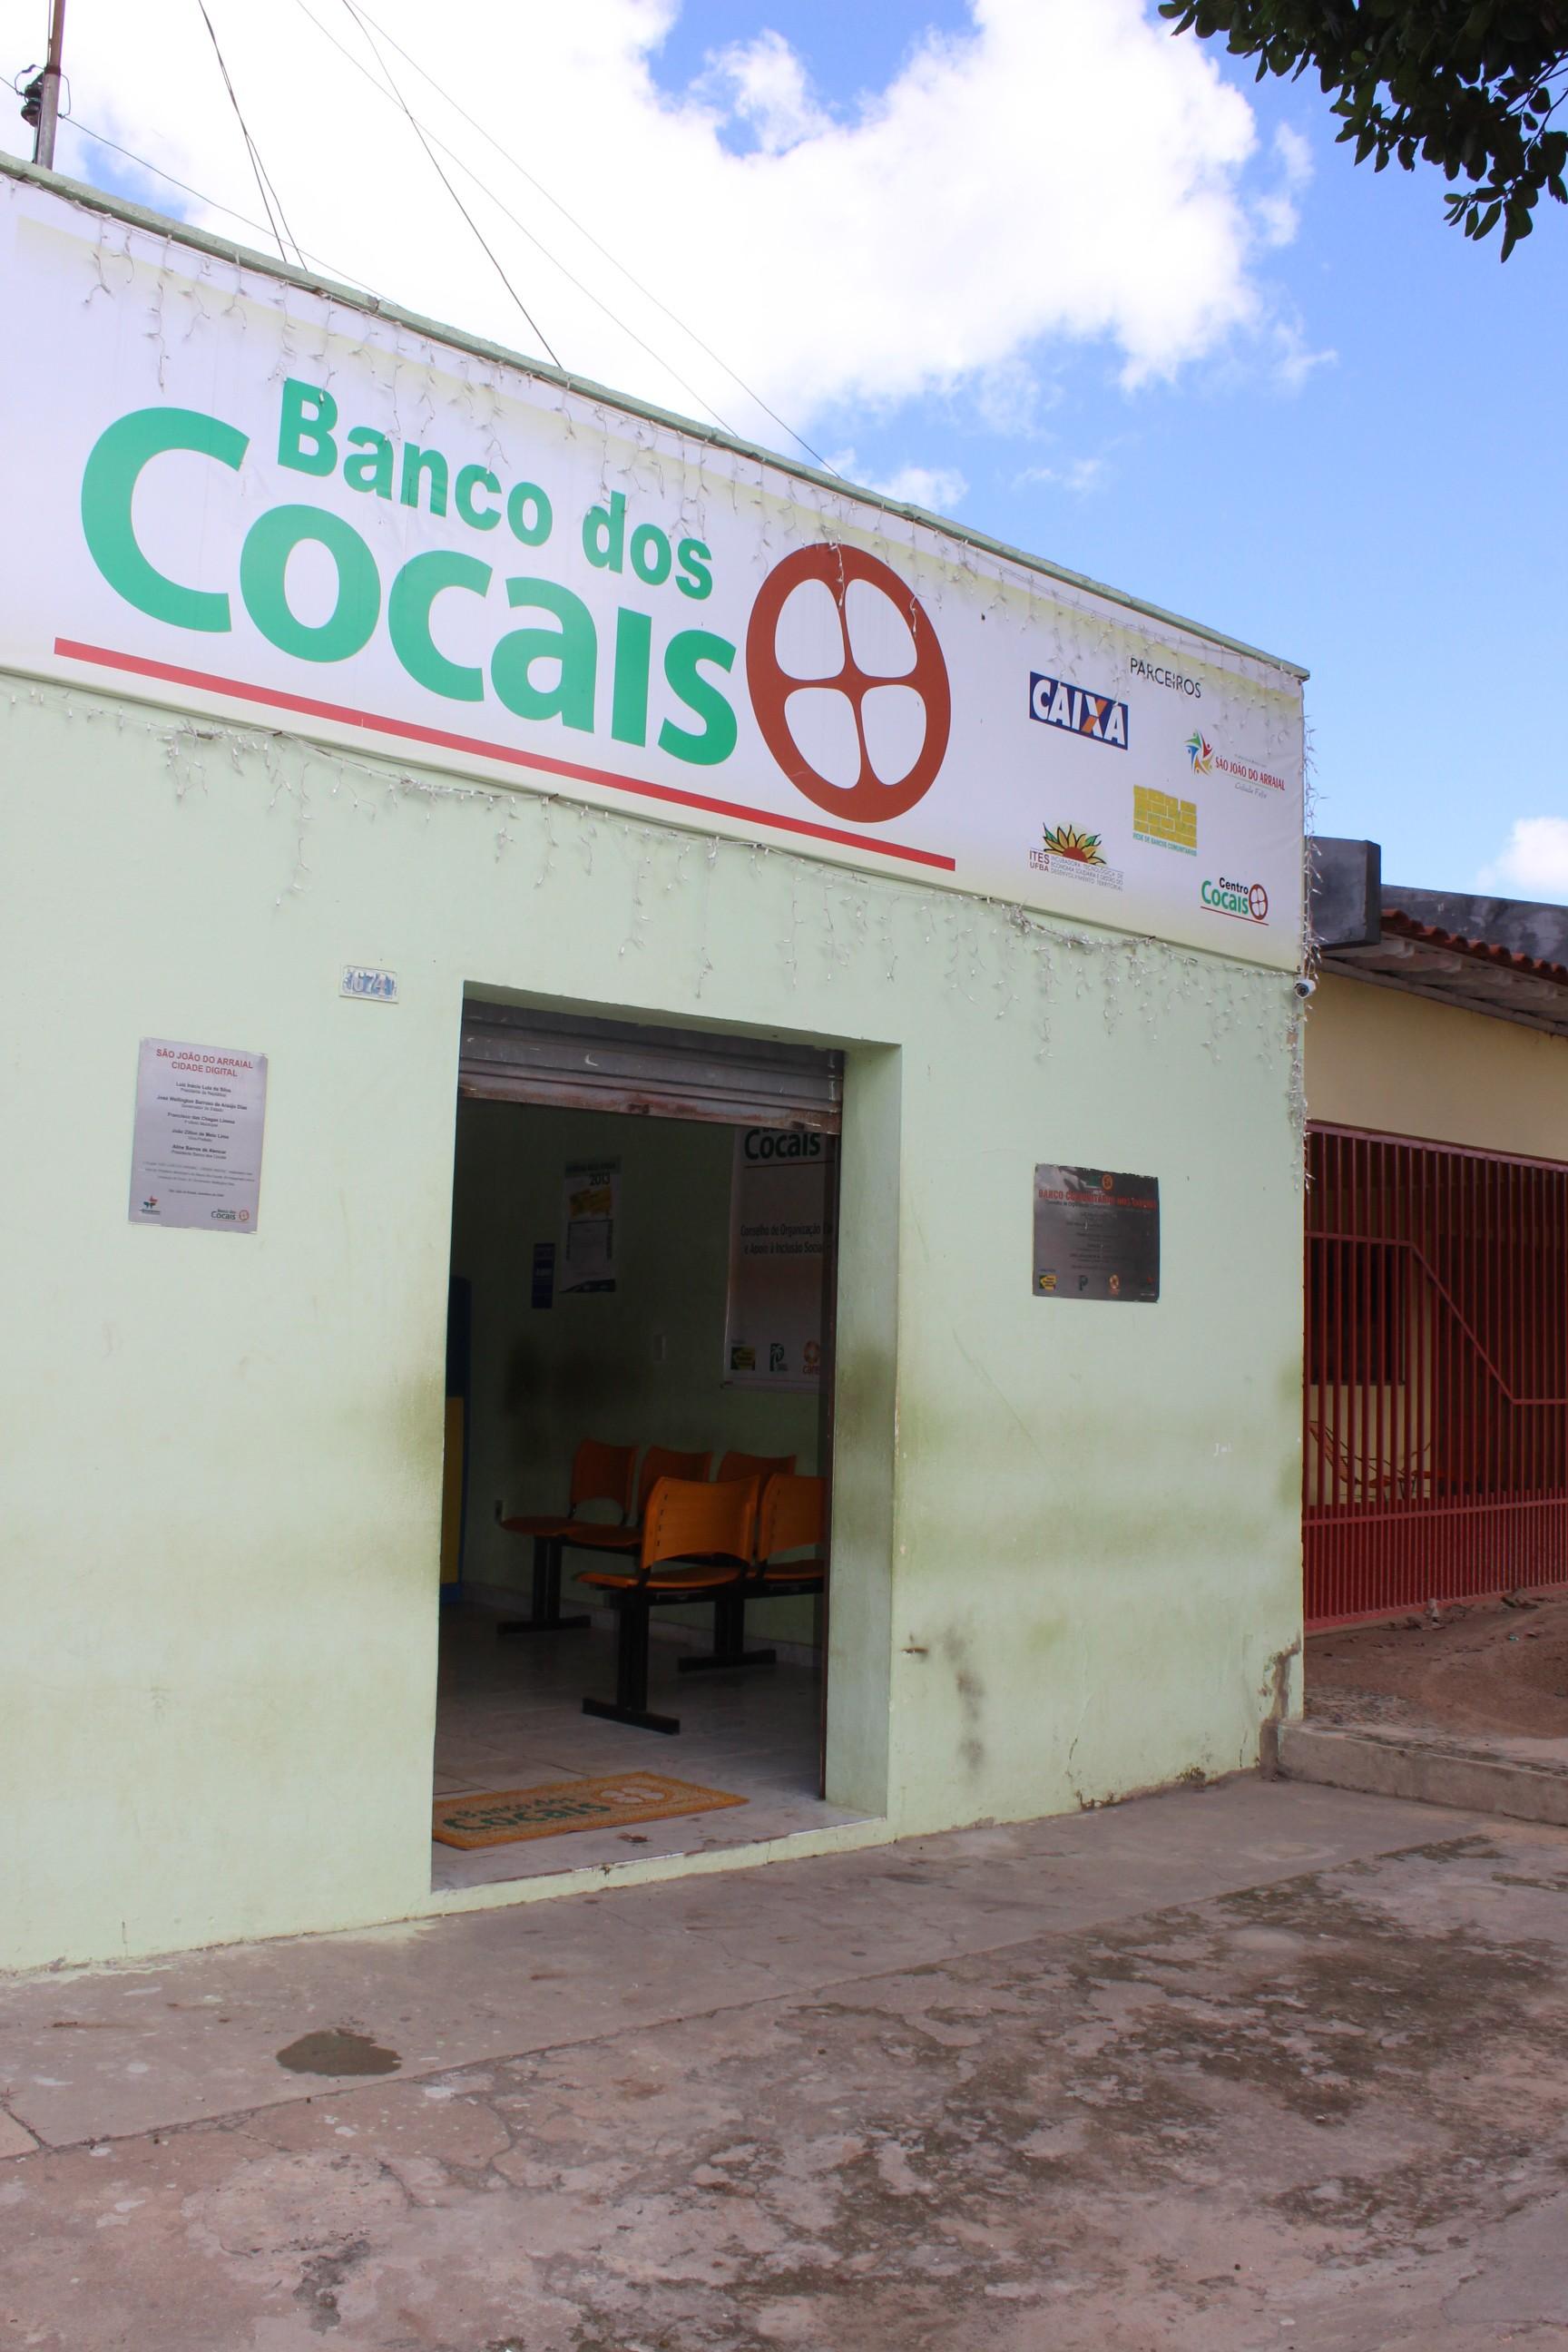 Criação do Banco dos Cocais foi fundamental para circulação do dinheiro (Foto: Catarina Costa/G1)